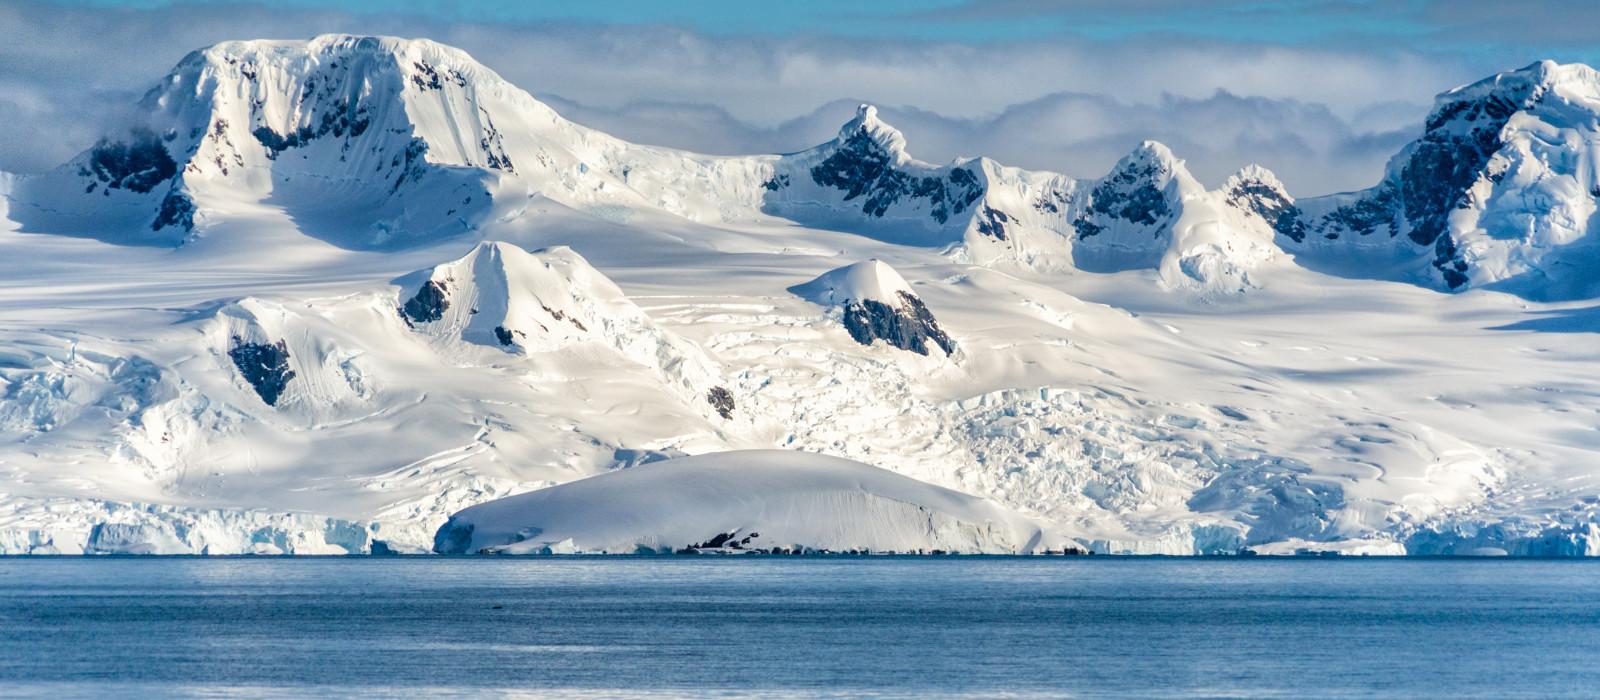 Antarktis Expedition – willkommen auf dem 7. Kontinent Urlaub 1